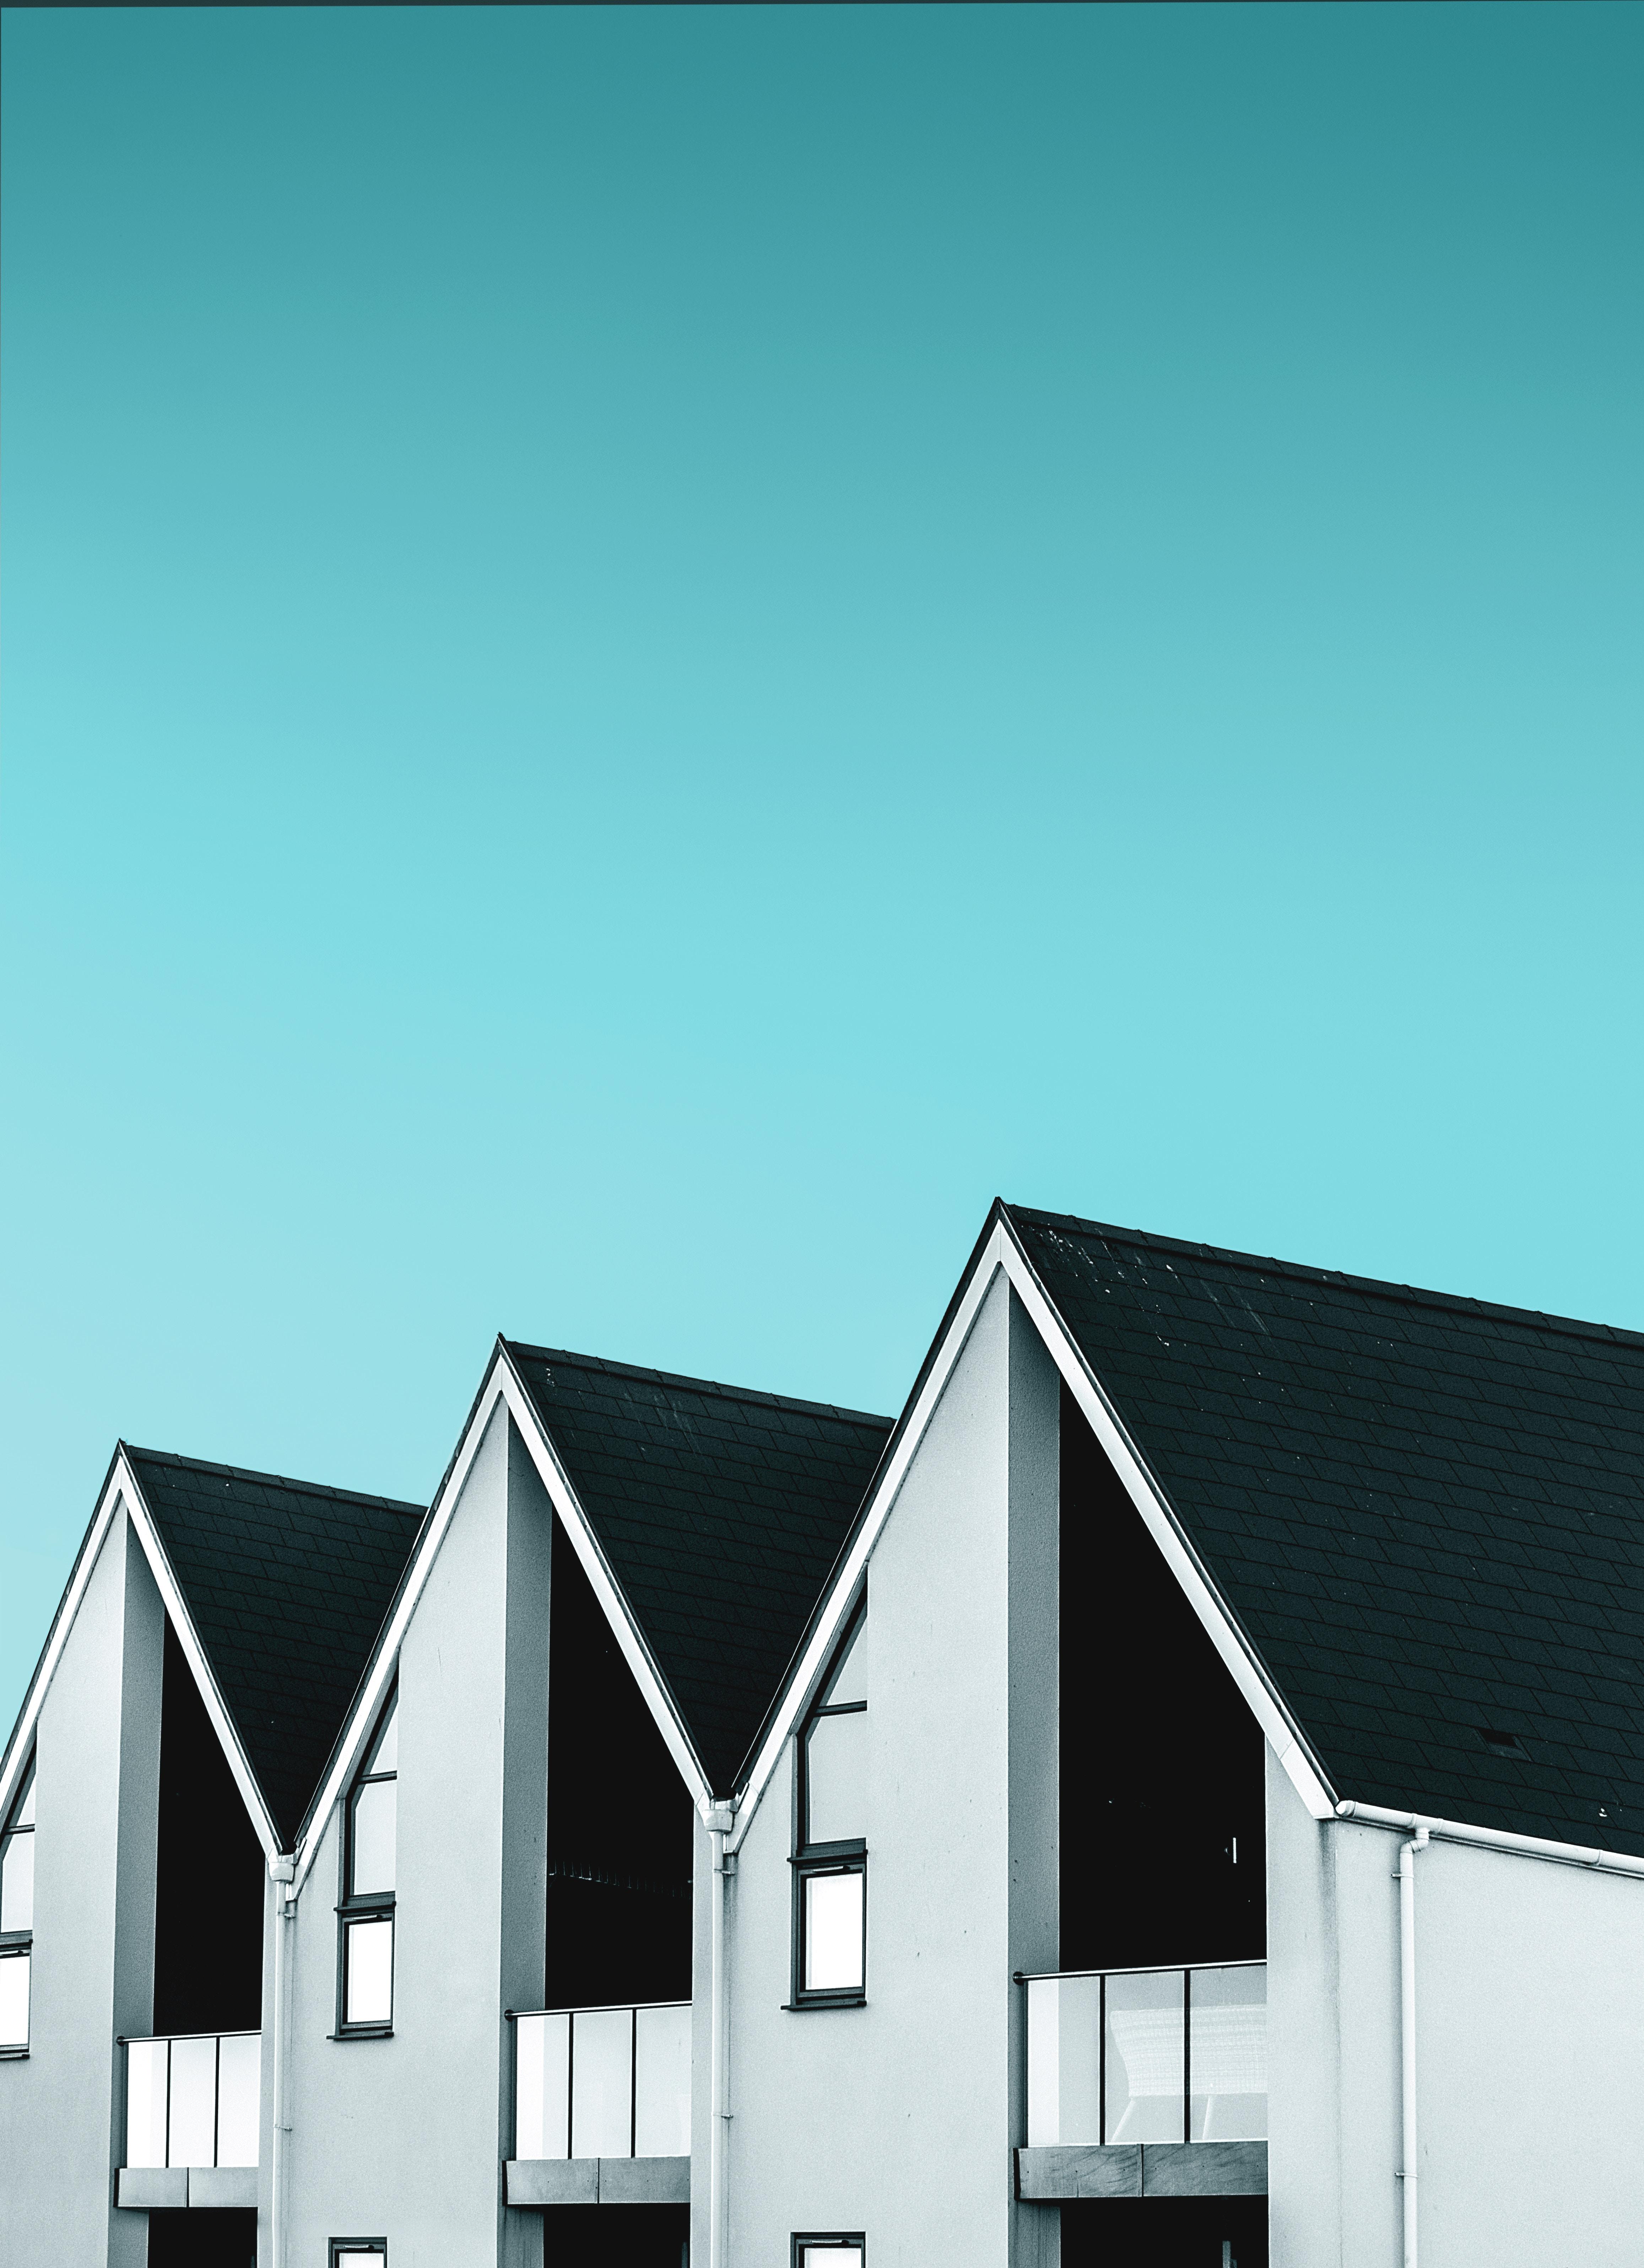 Få drømmeboligen sikkert i hus med boligadvokat i Brøndby